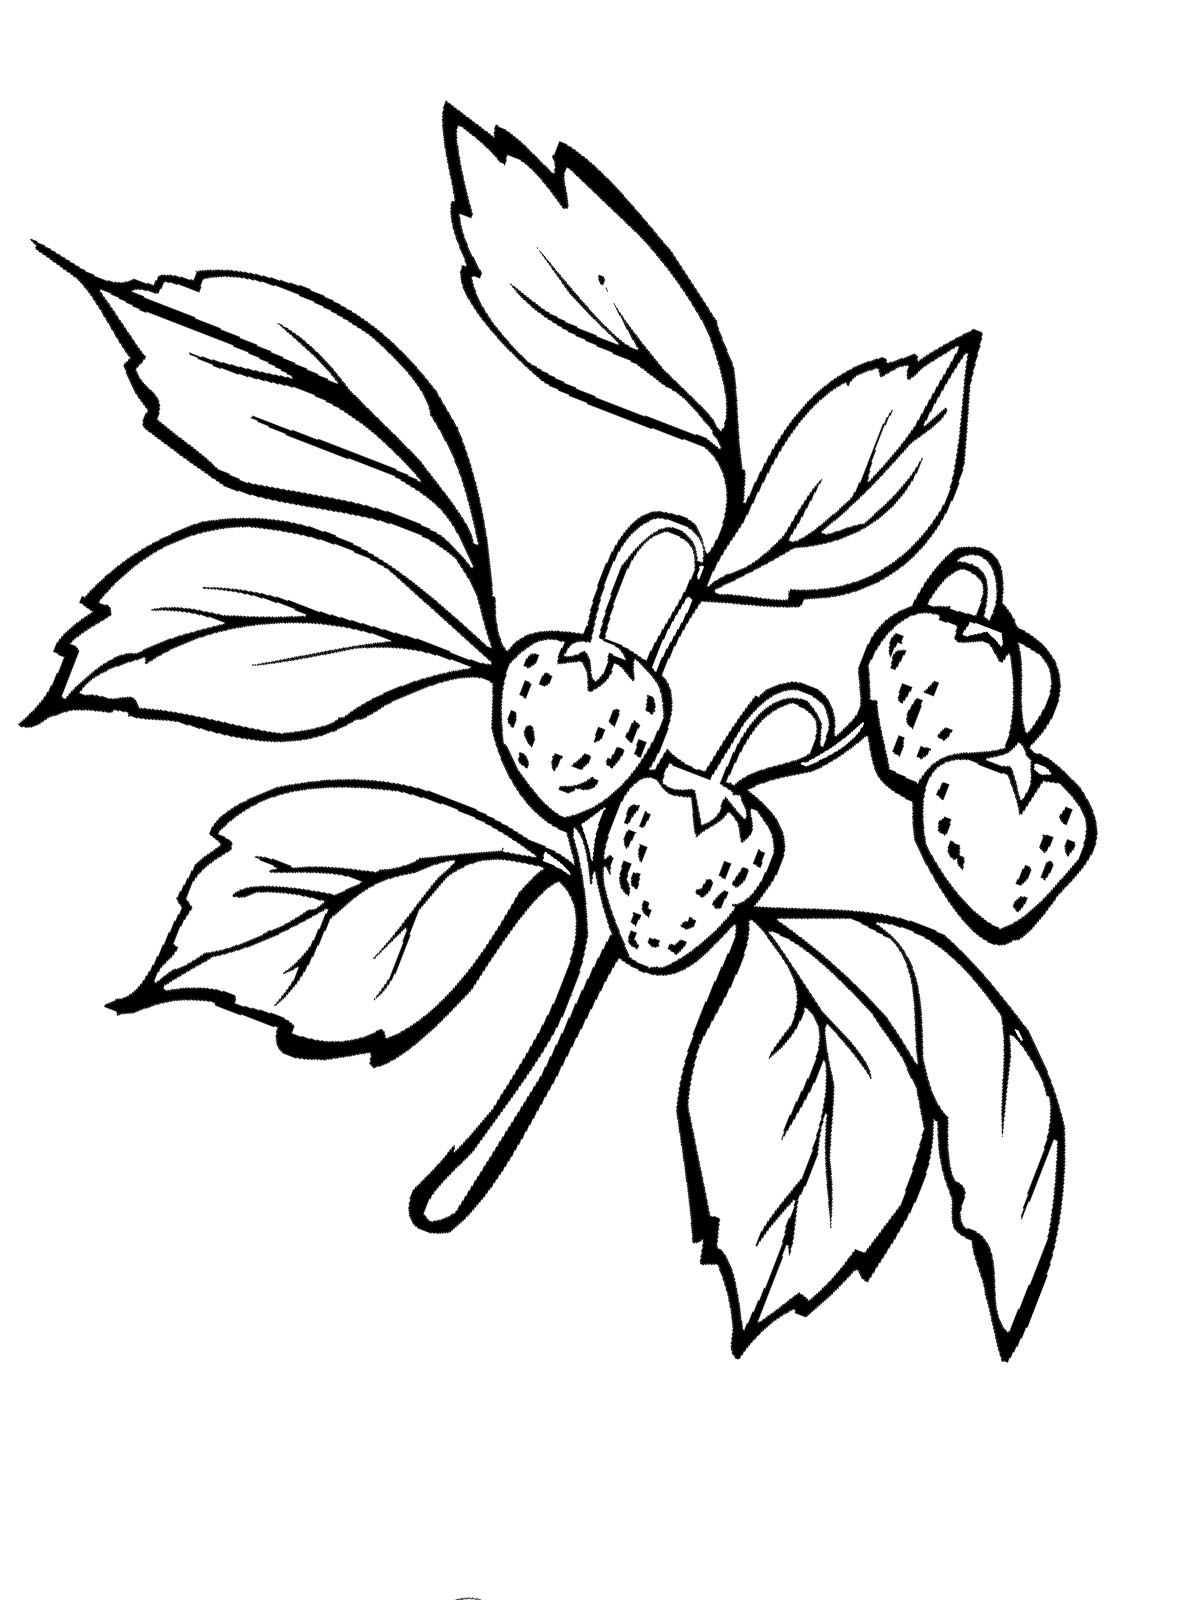 Tolle Erdbeer Malvorlagen Fotos - Malvorlagen Von Tieren - ngadi.info